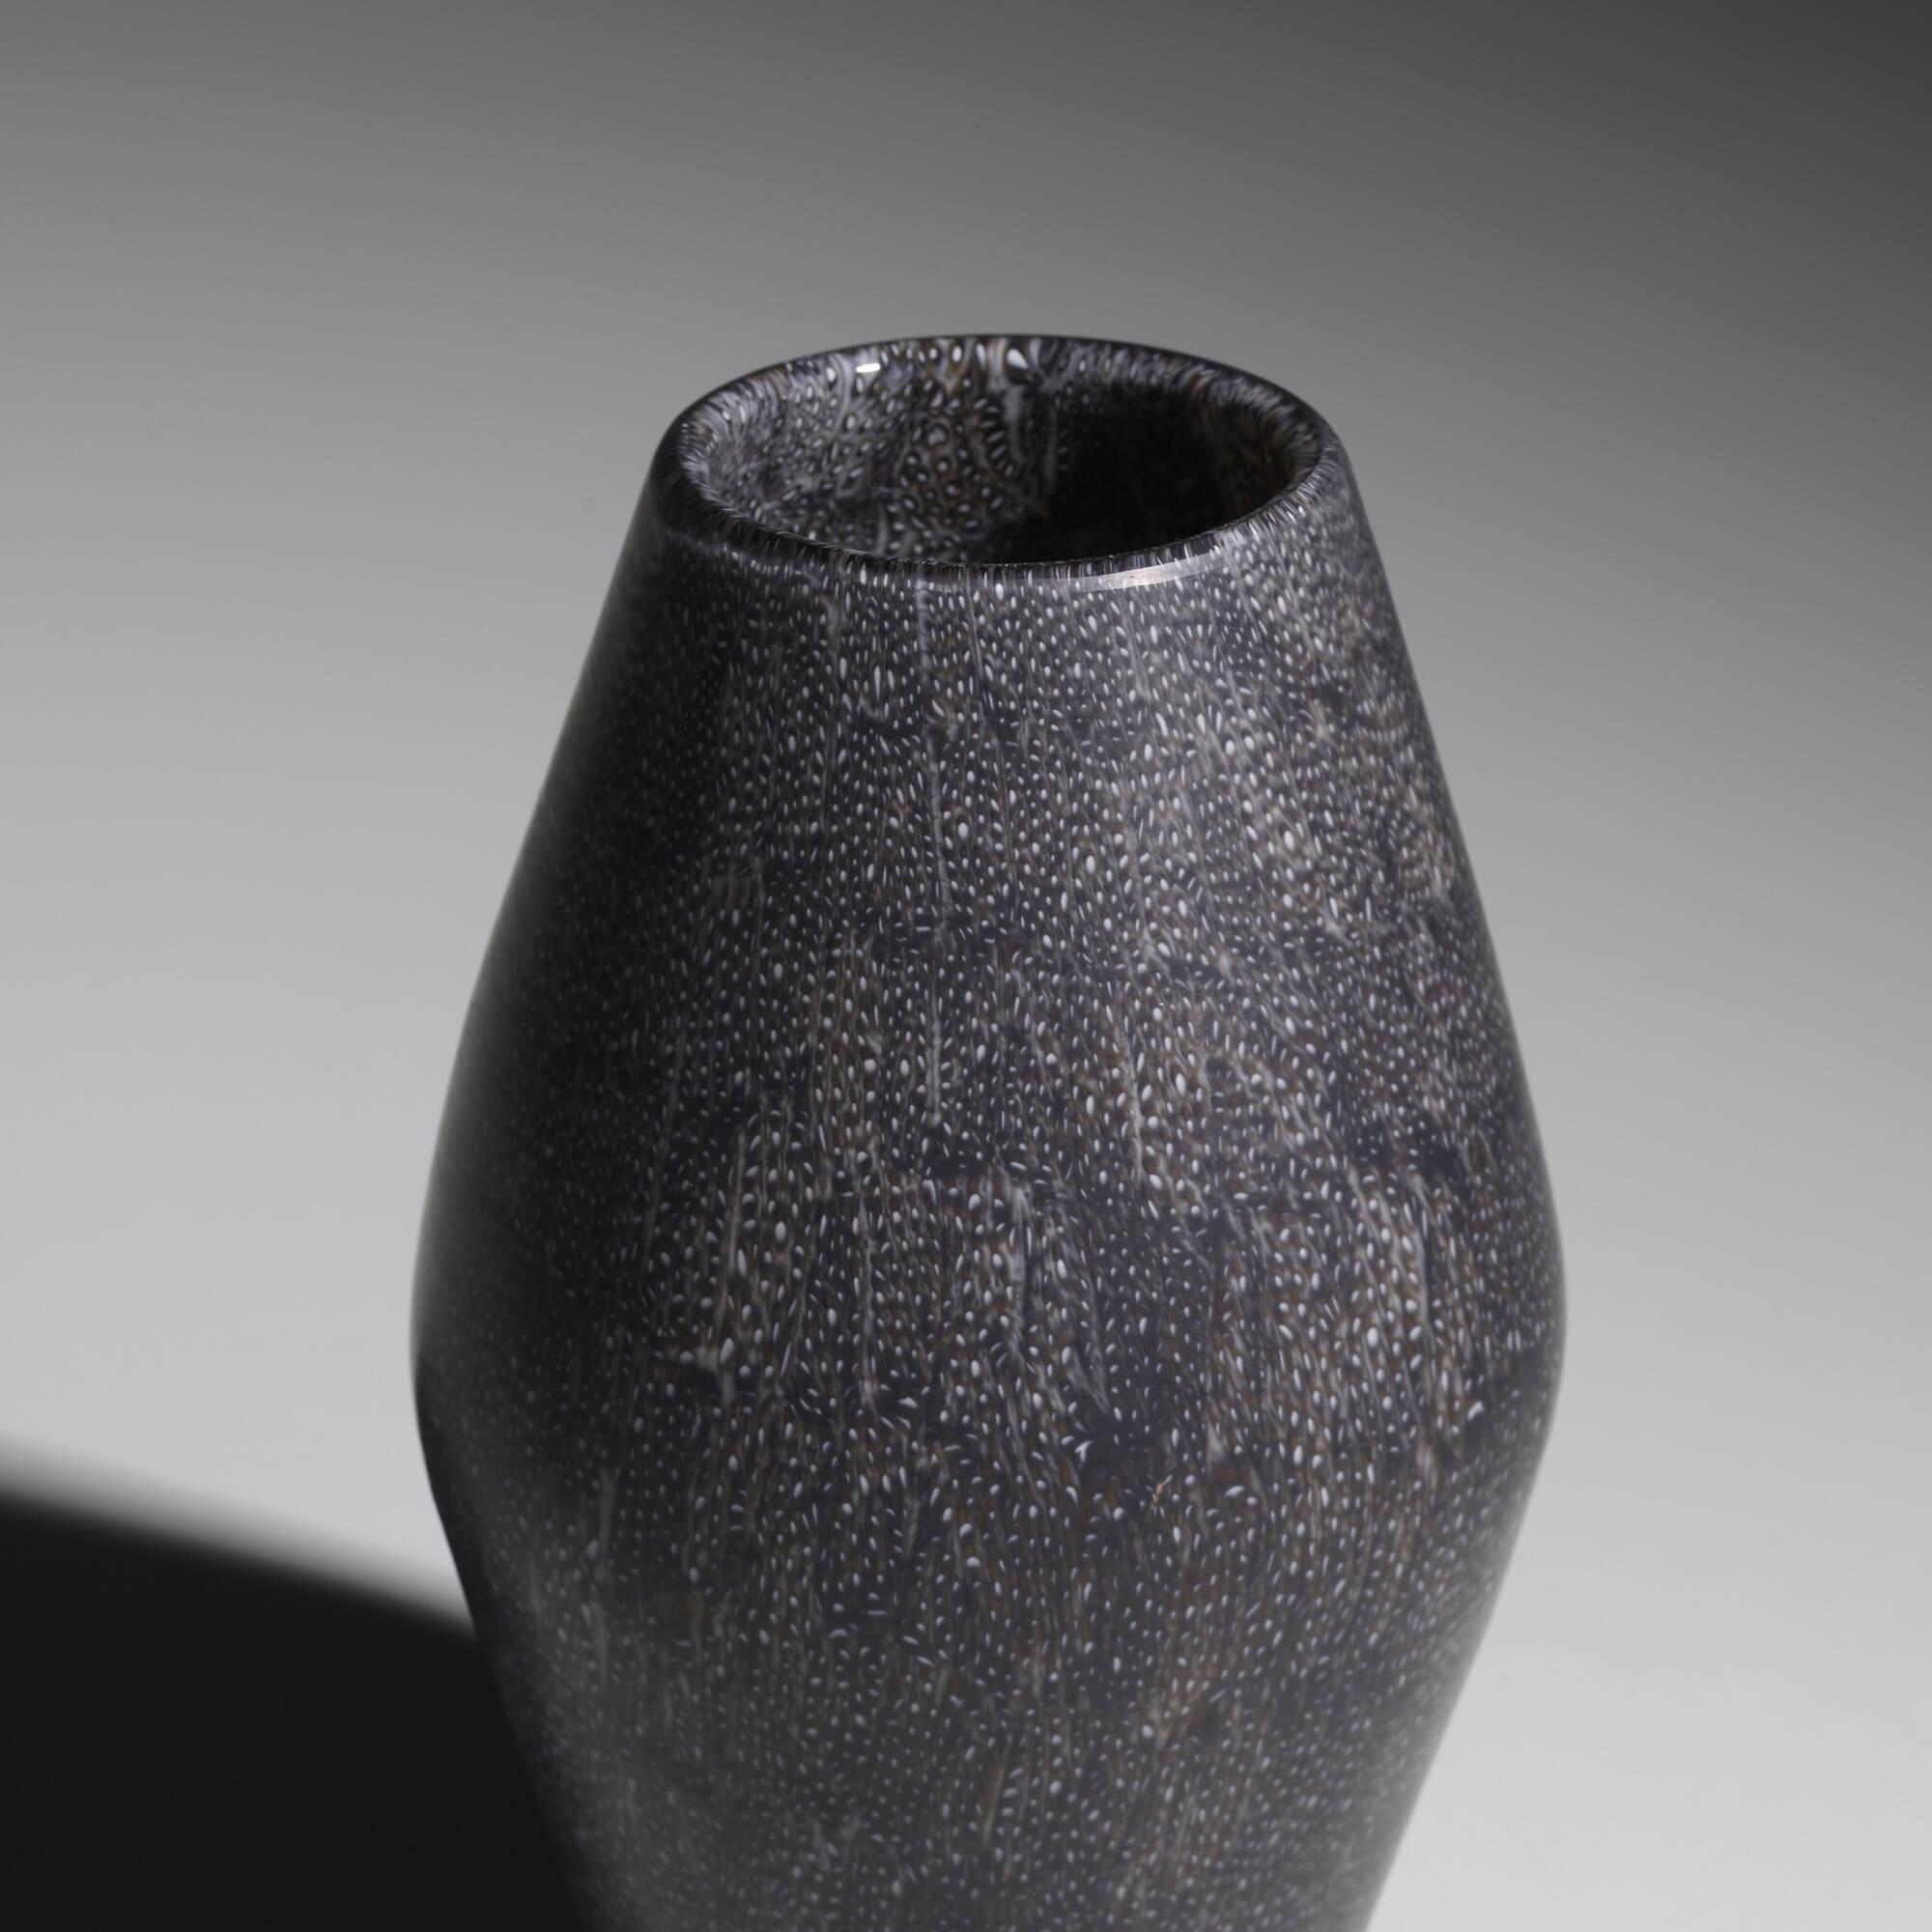 152: Paolo Venini / a Murrine vase, model 4704 (2 of 3)